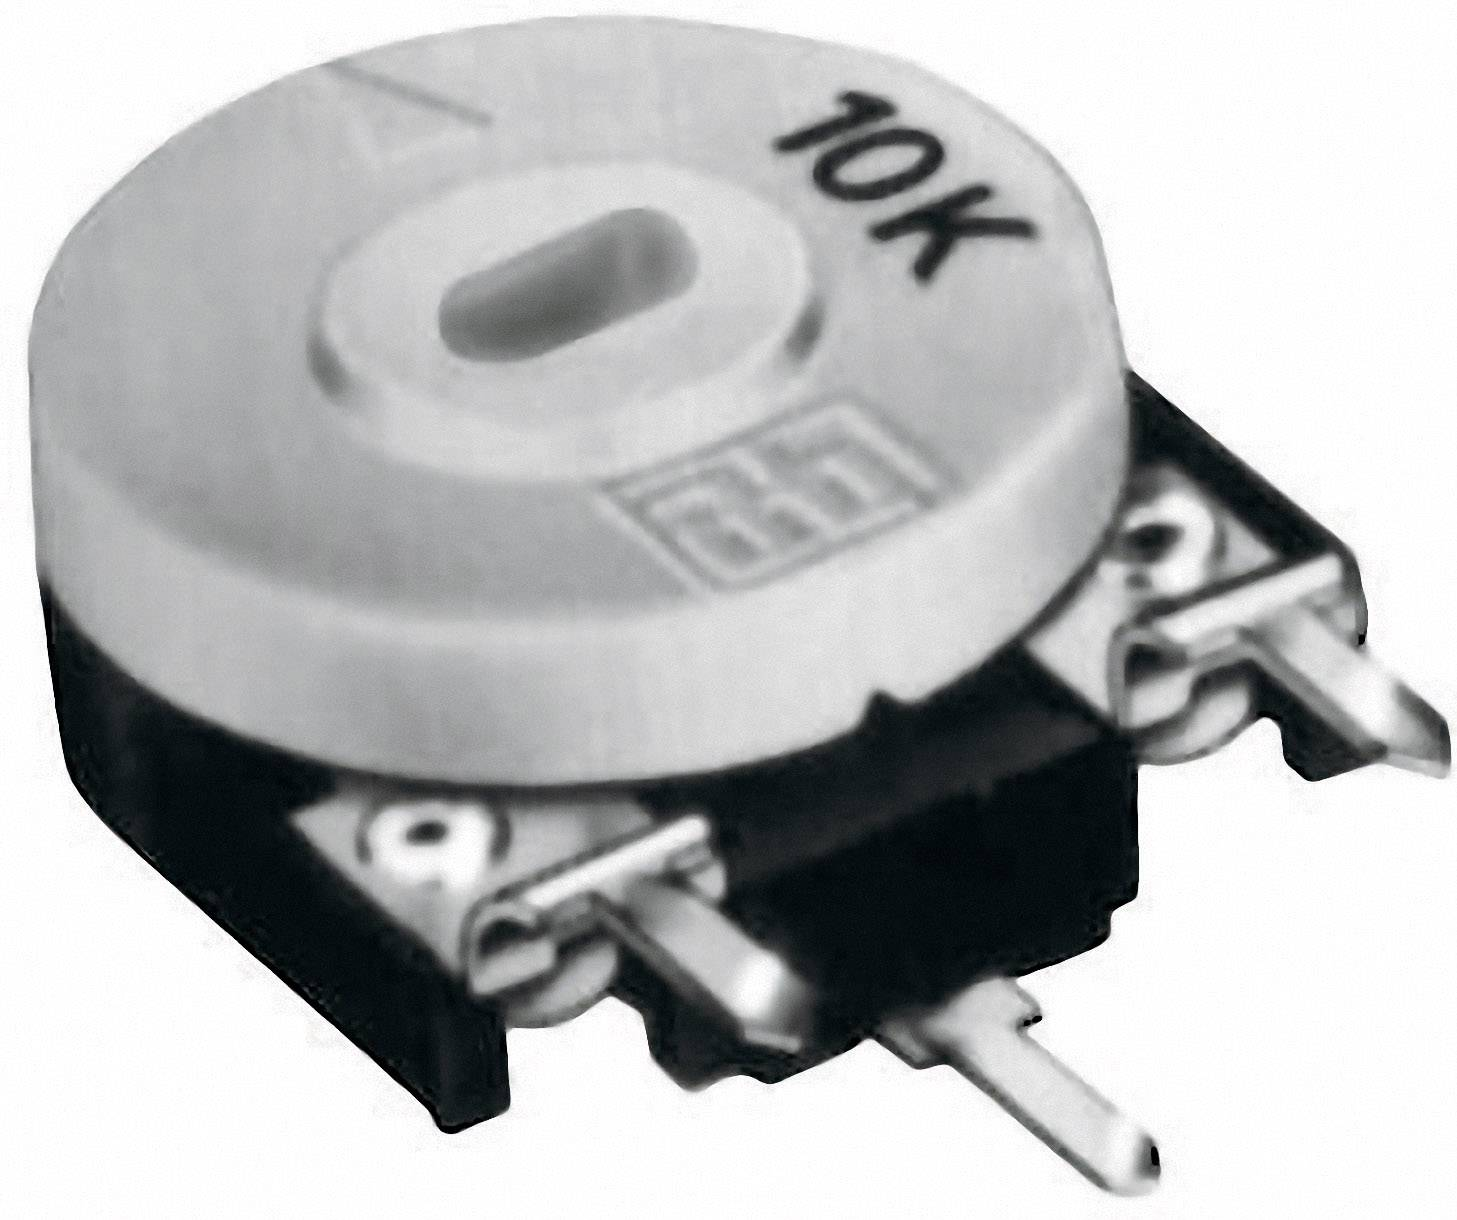 Uhlíkový trimr TT Electro, 21554005, 220 kΩ, 0,15 W, ± 20 %